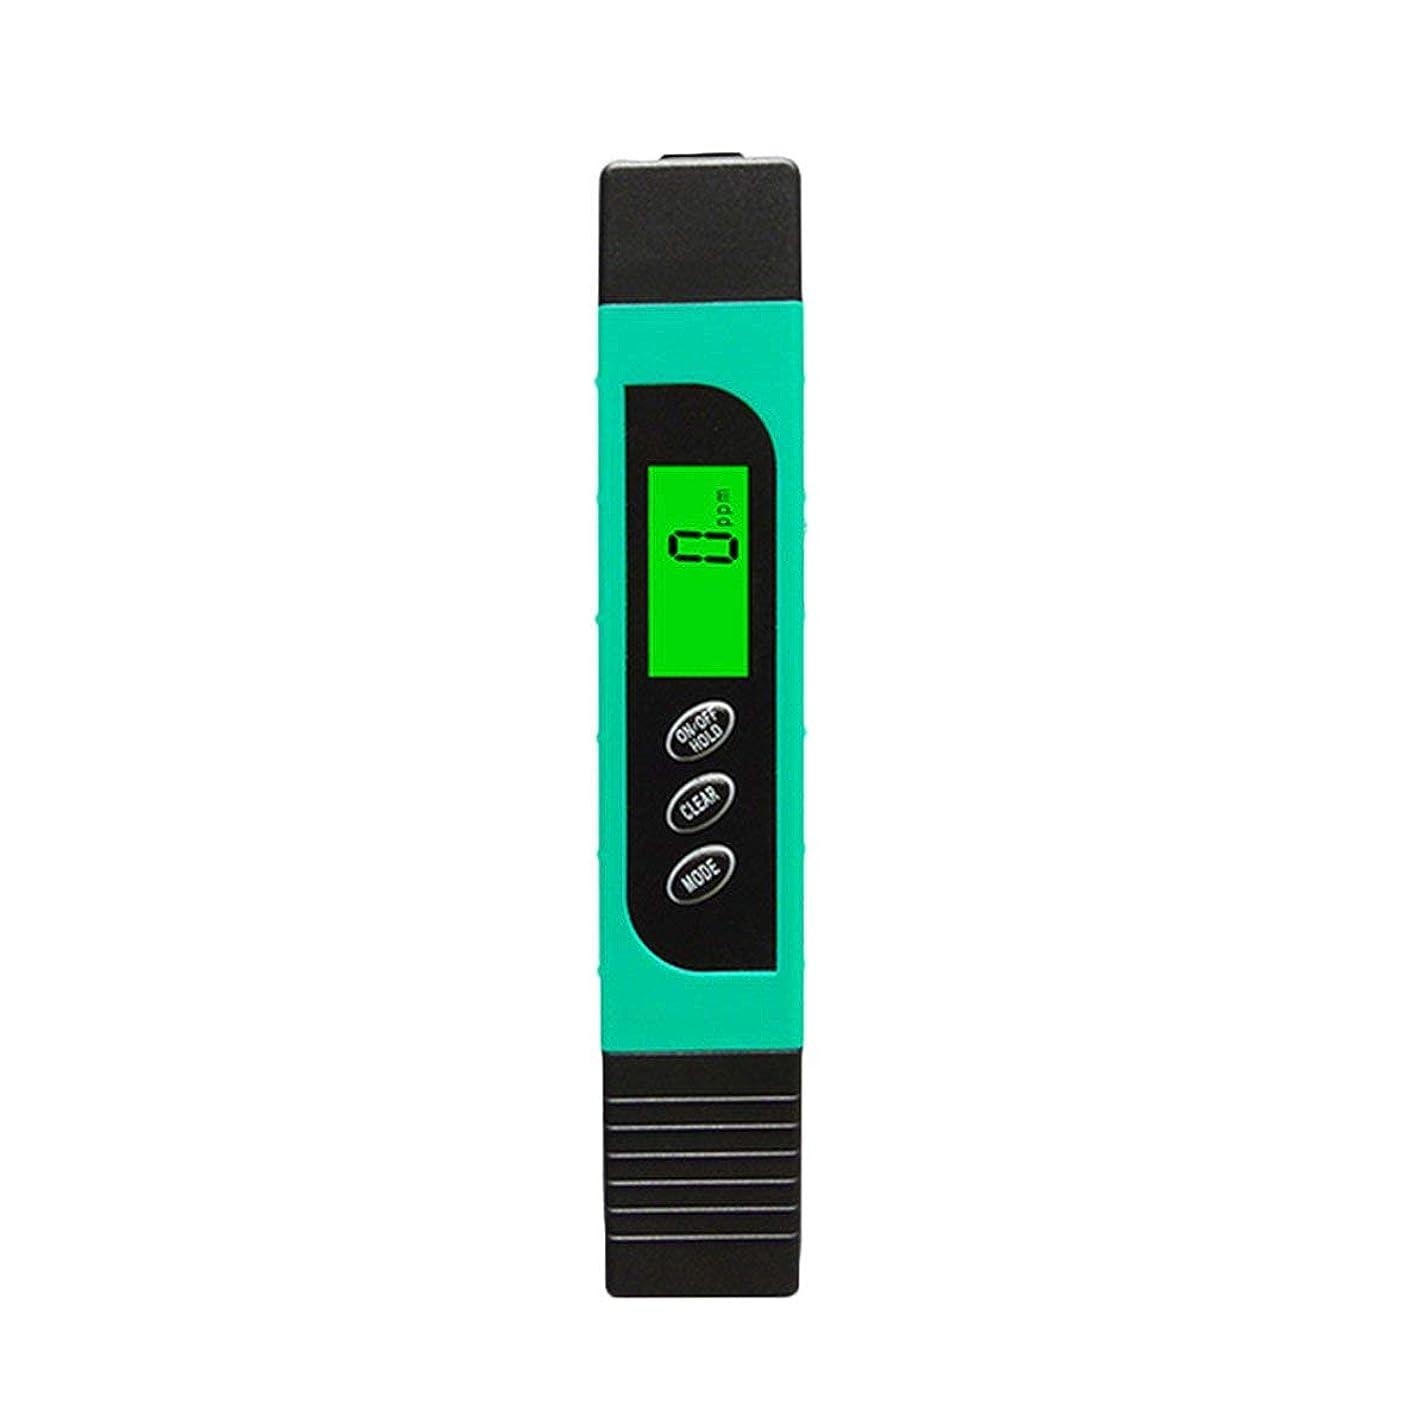 三不適切な各多機能TDSメーターテスターポータブルデジタルペン0.01高精度フィルター測定水質純度テストツール - ブルー